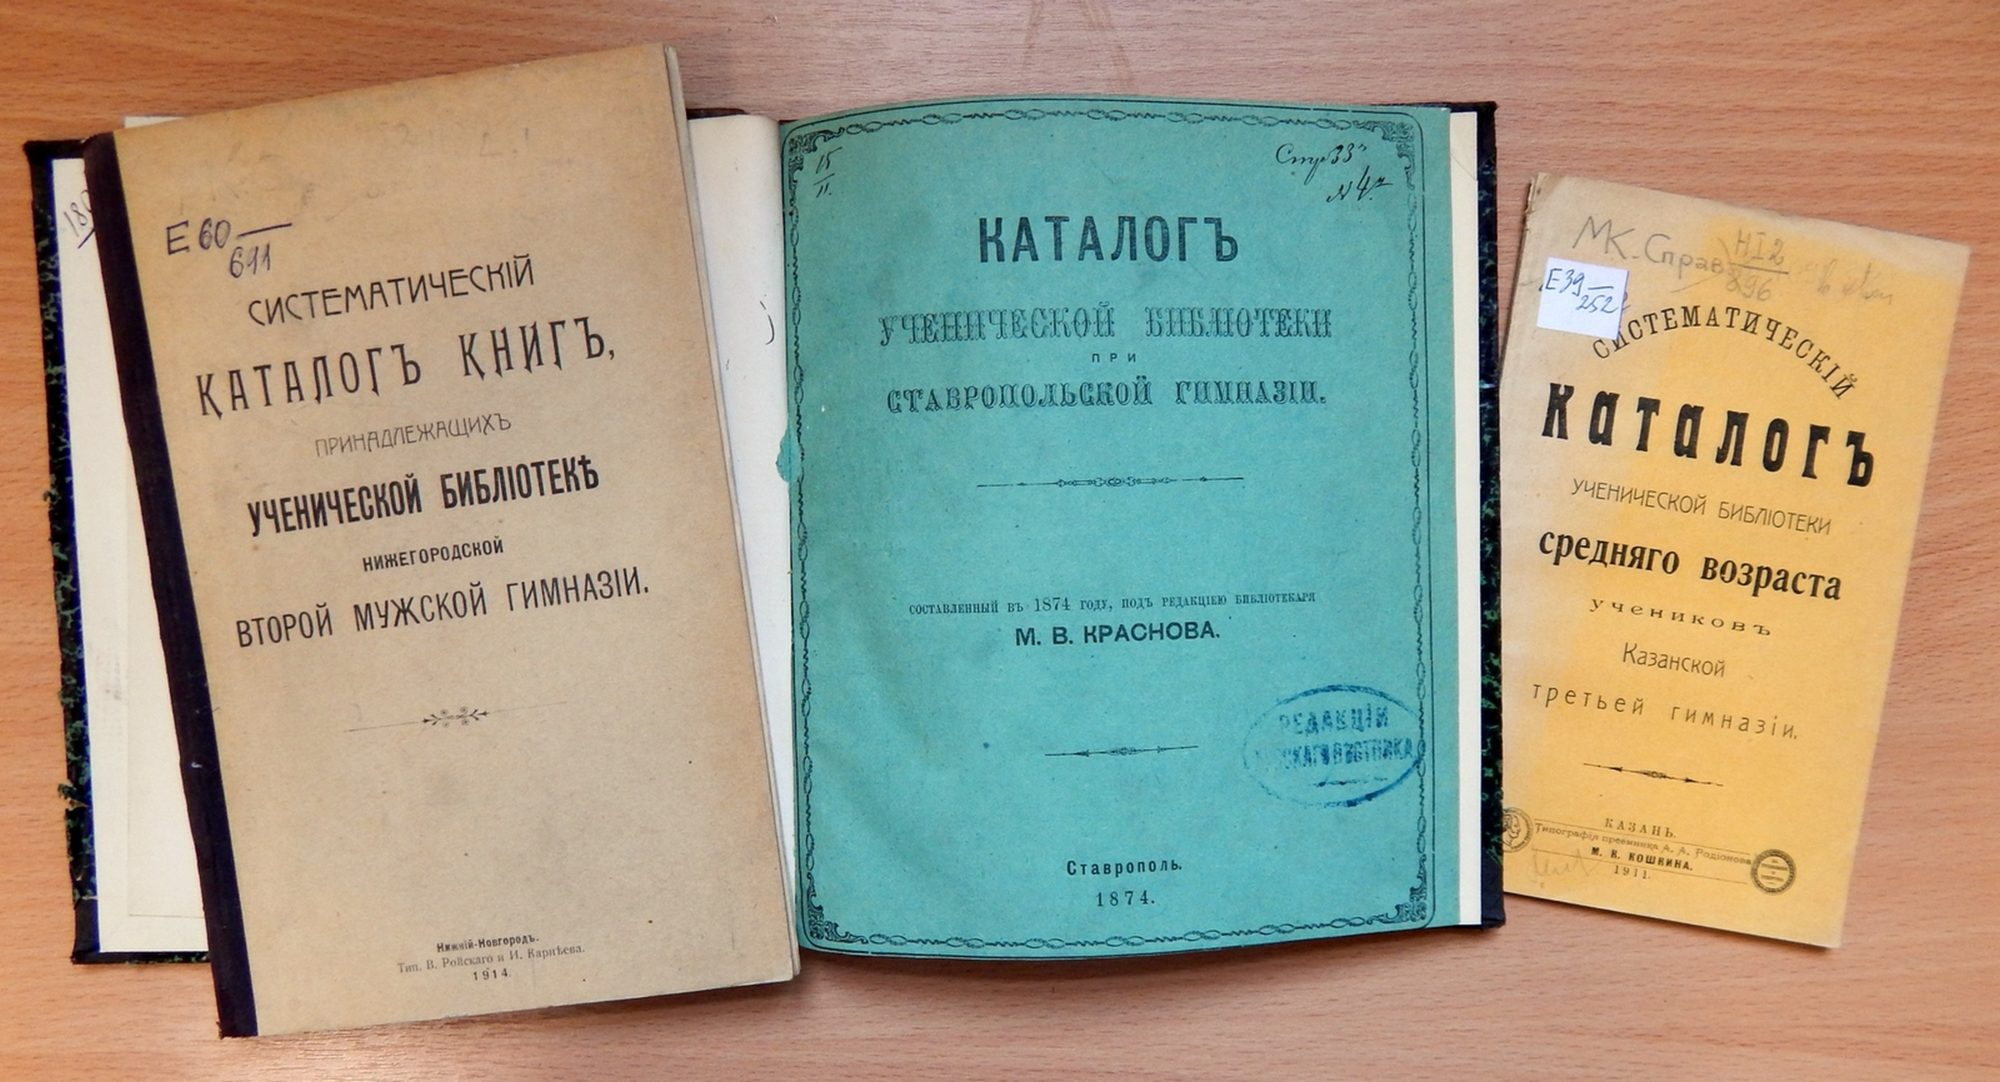 Выставка «Фонды библиотек учебных заведений дореволюционной России» в ГПИБ – события на сайте «Московские Сезоны»